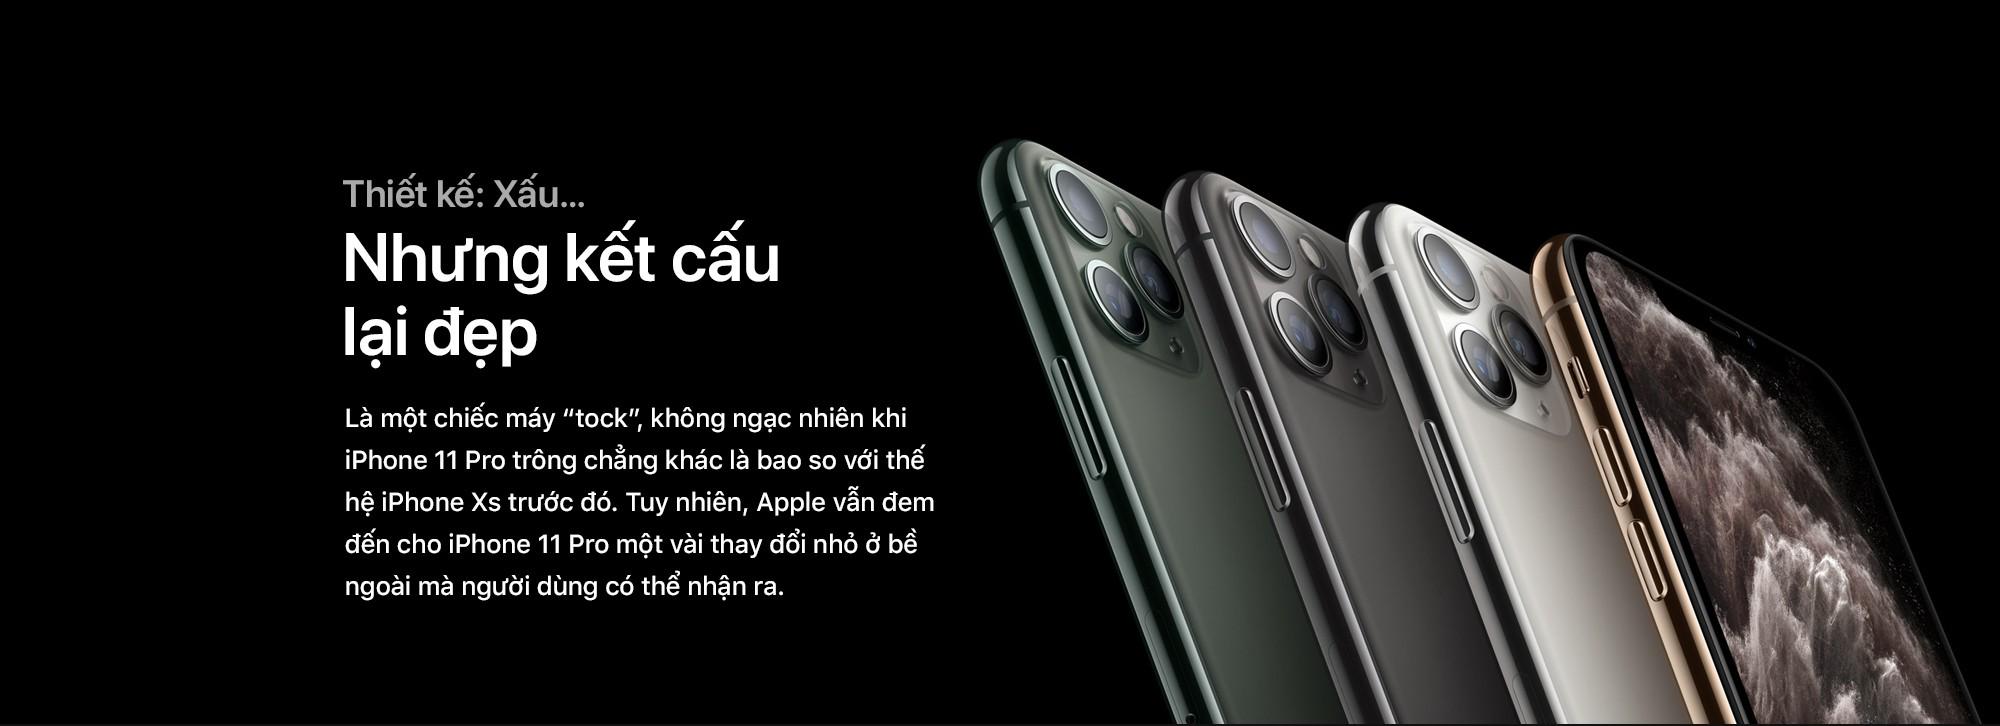 Đánh giá iPhone 11 Pro: Không phải người đi đầu, nhưng vẫn là người dẫn đầu - Ảnh 6.